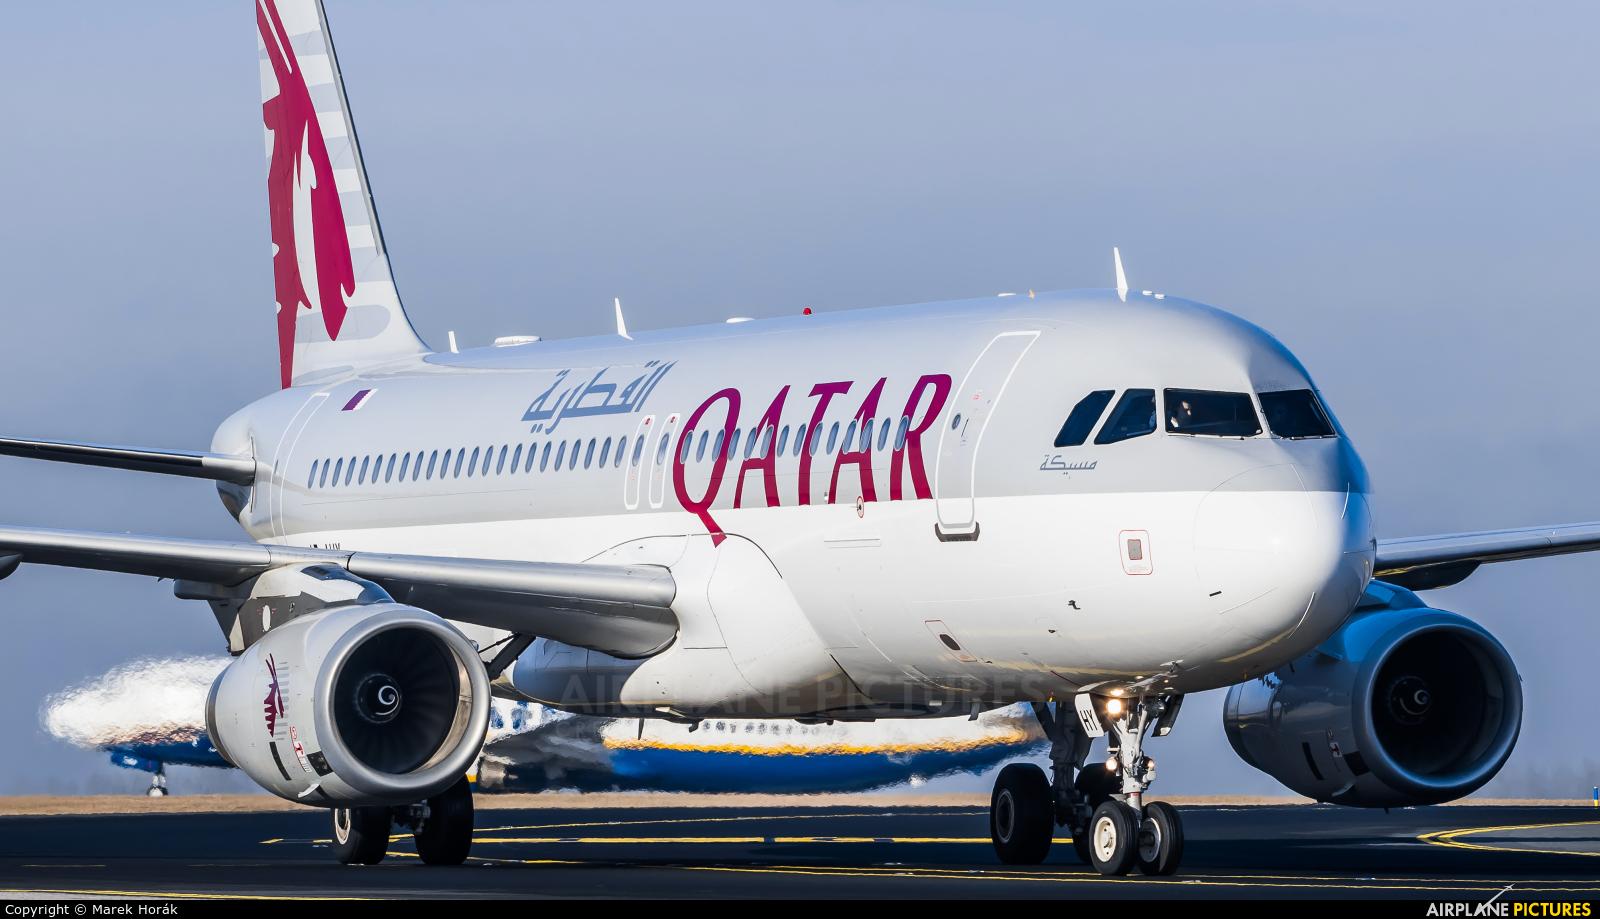 Qatar Airways A7-AHY aircraft at Prague - Václav Havel